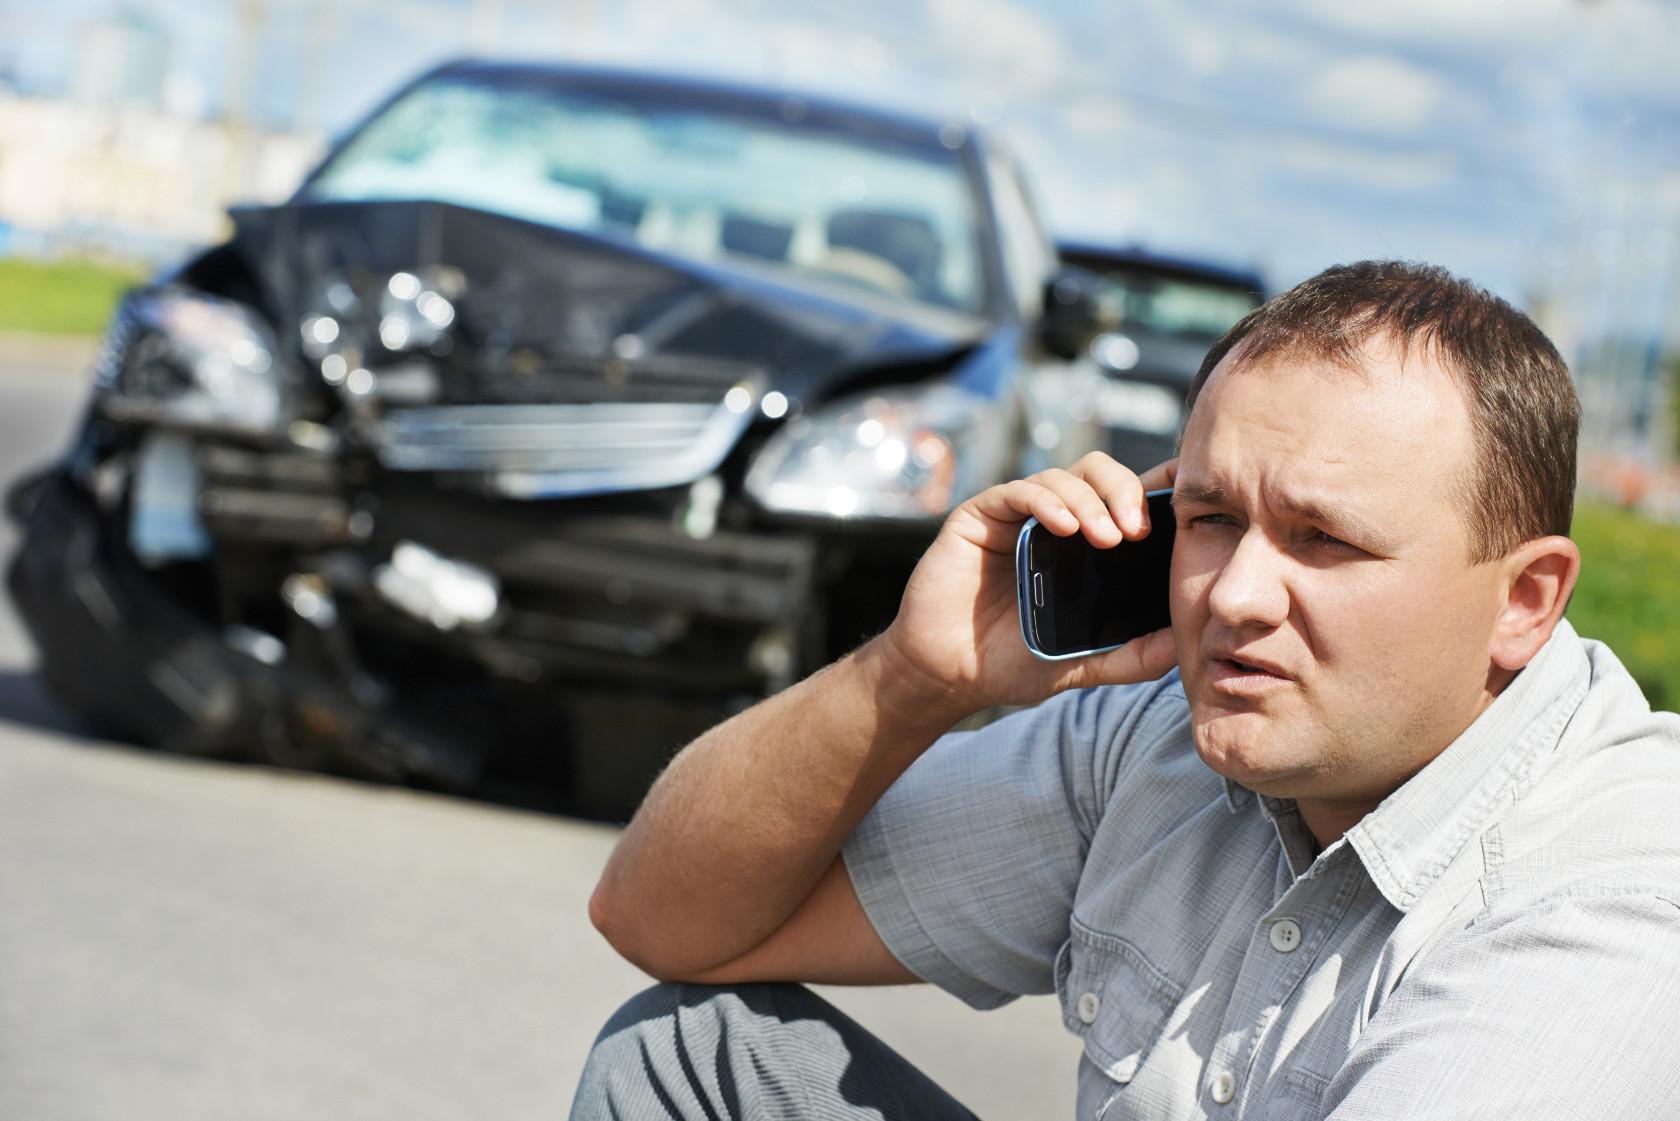 מה עליי לעשות במקרה של תאונה?